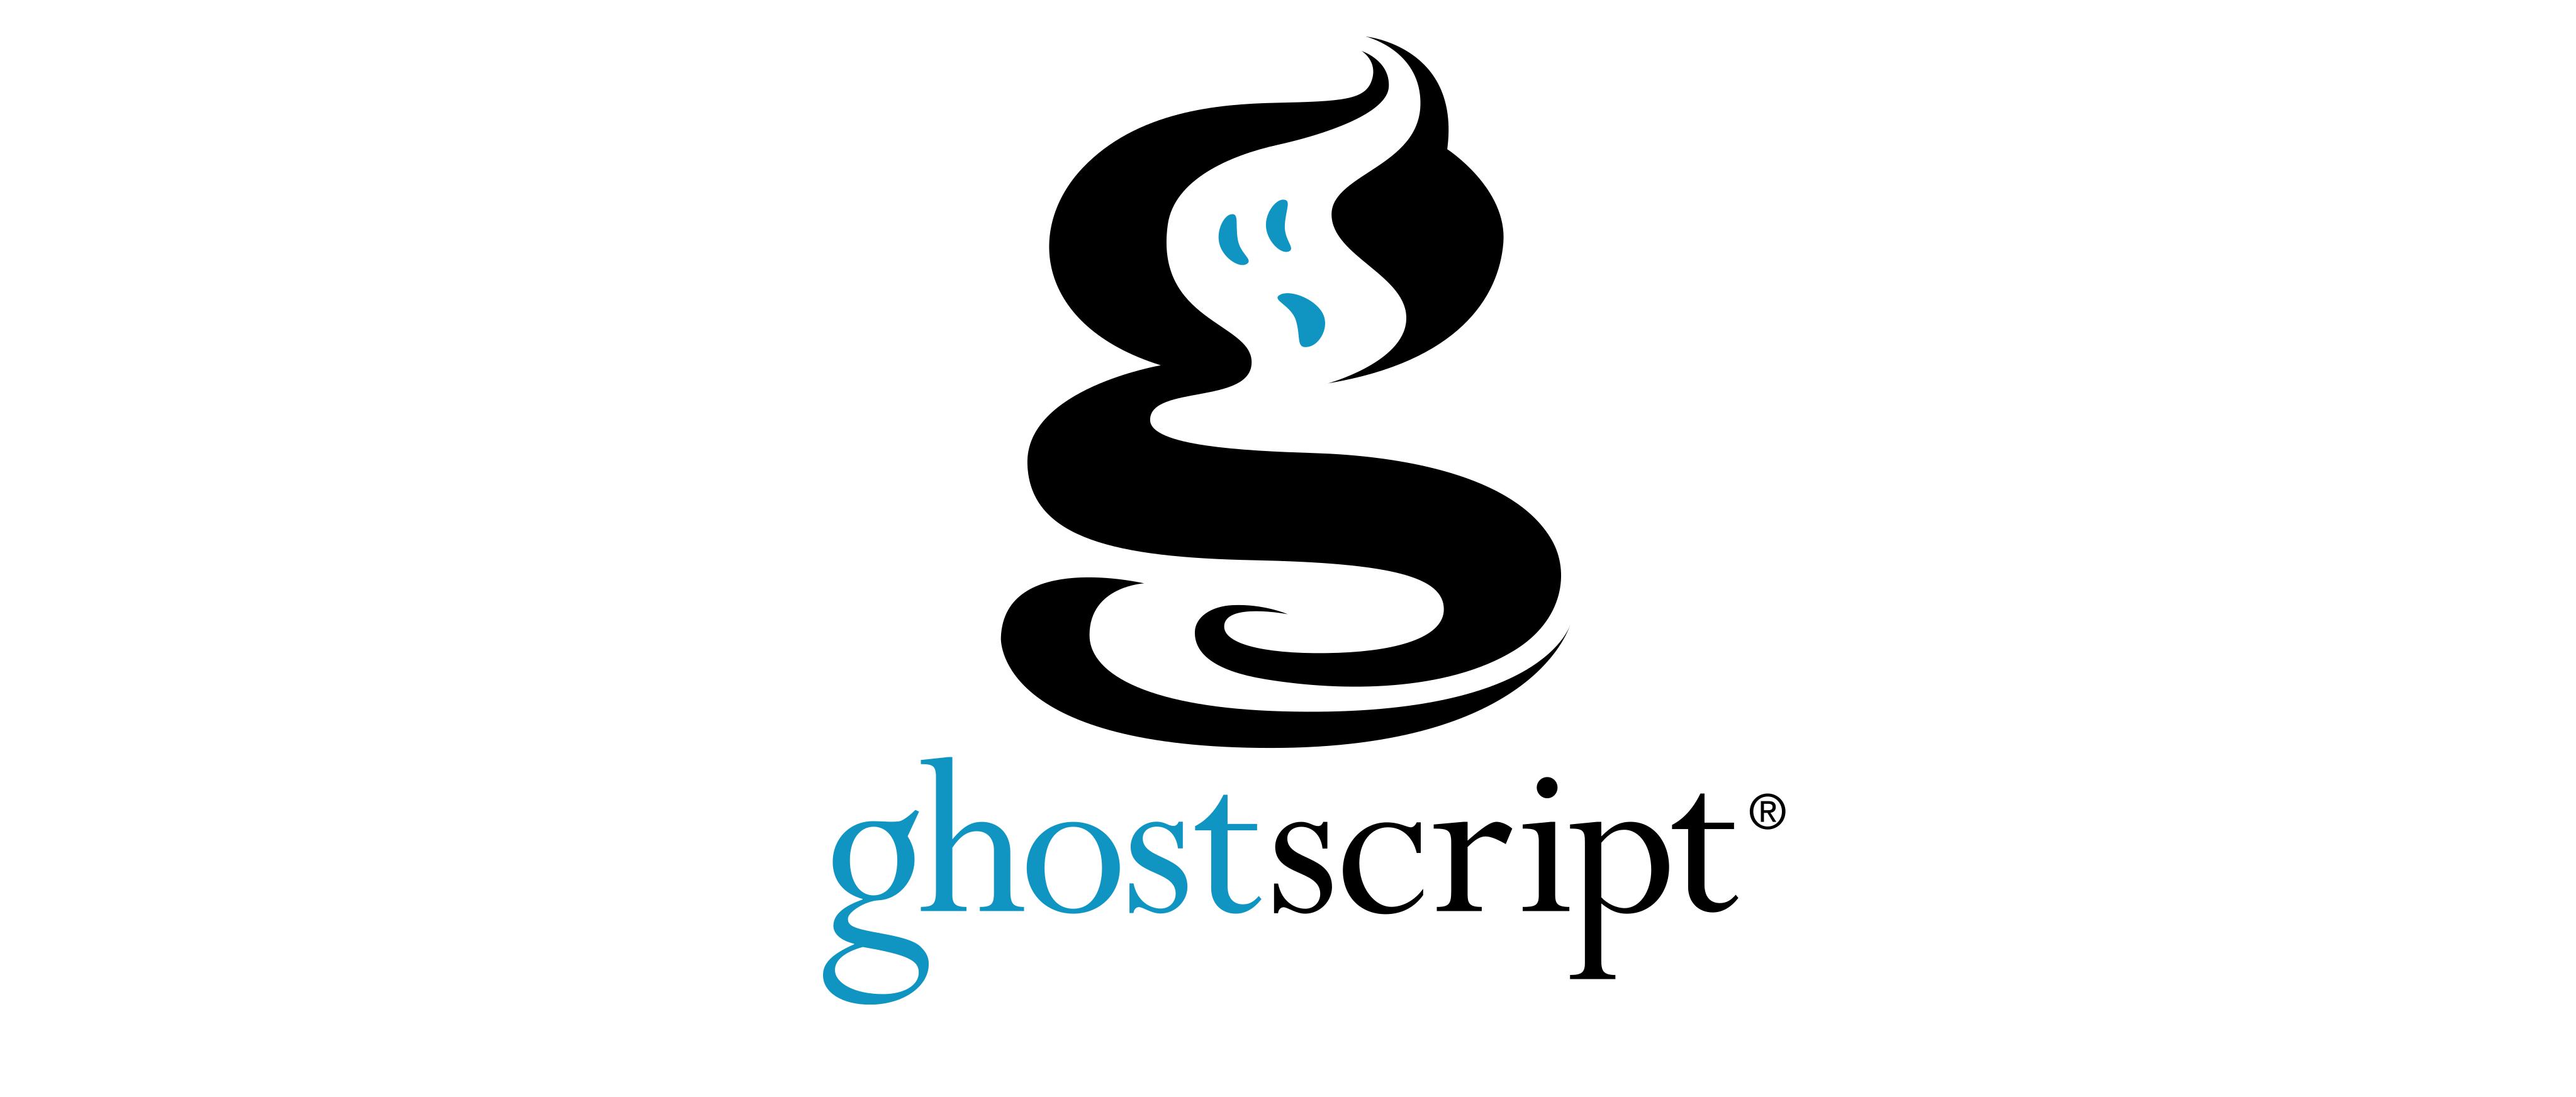 CVE-2018-16509——Ghostscript沙箱逃逸漏洞